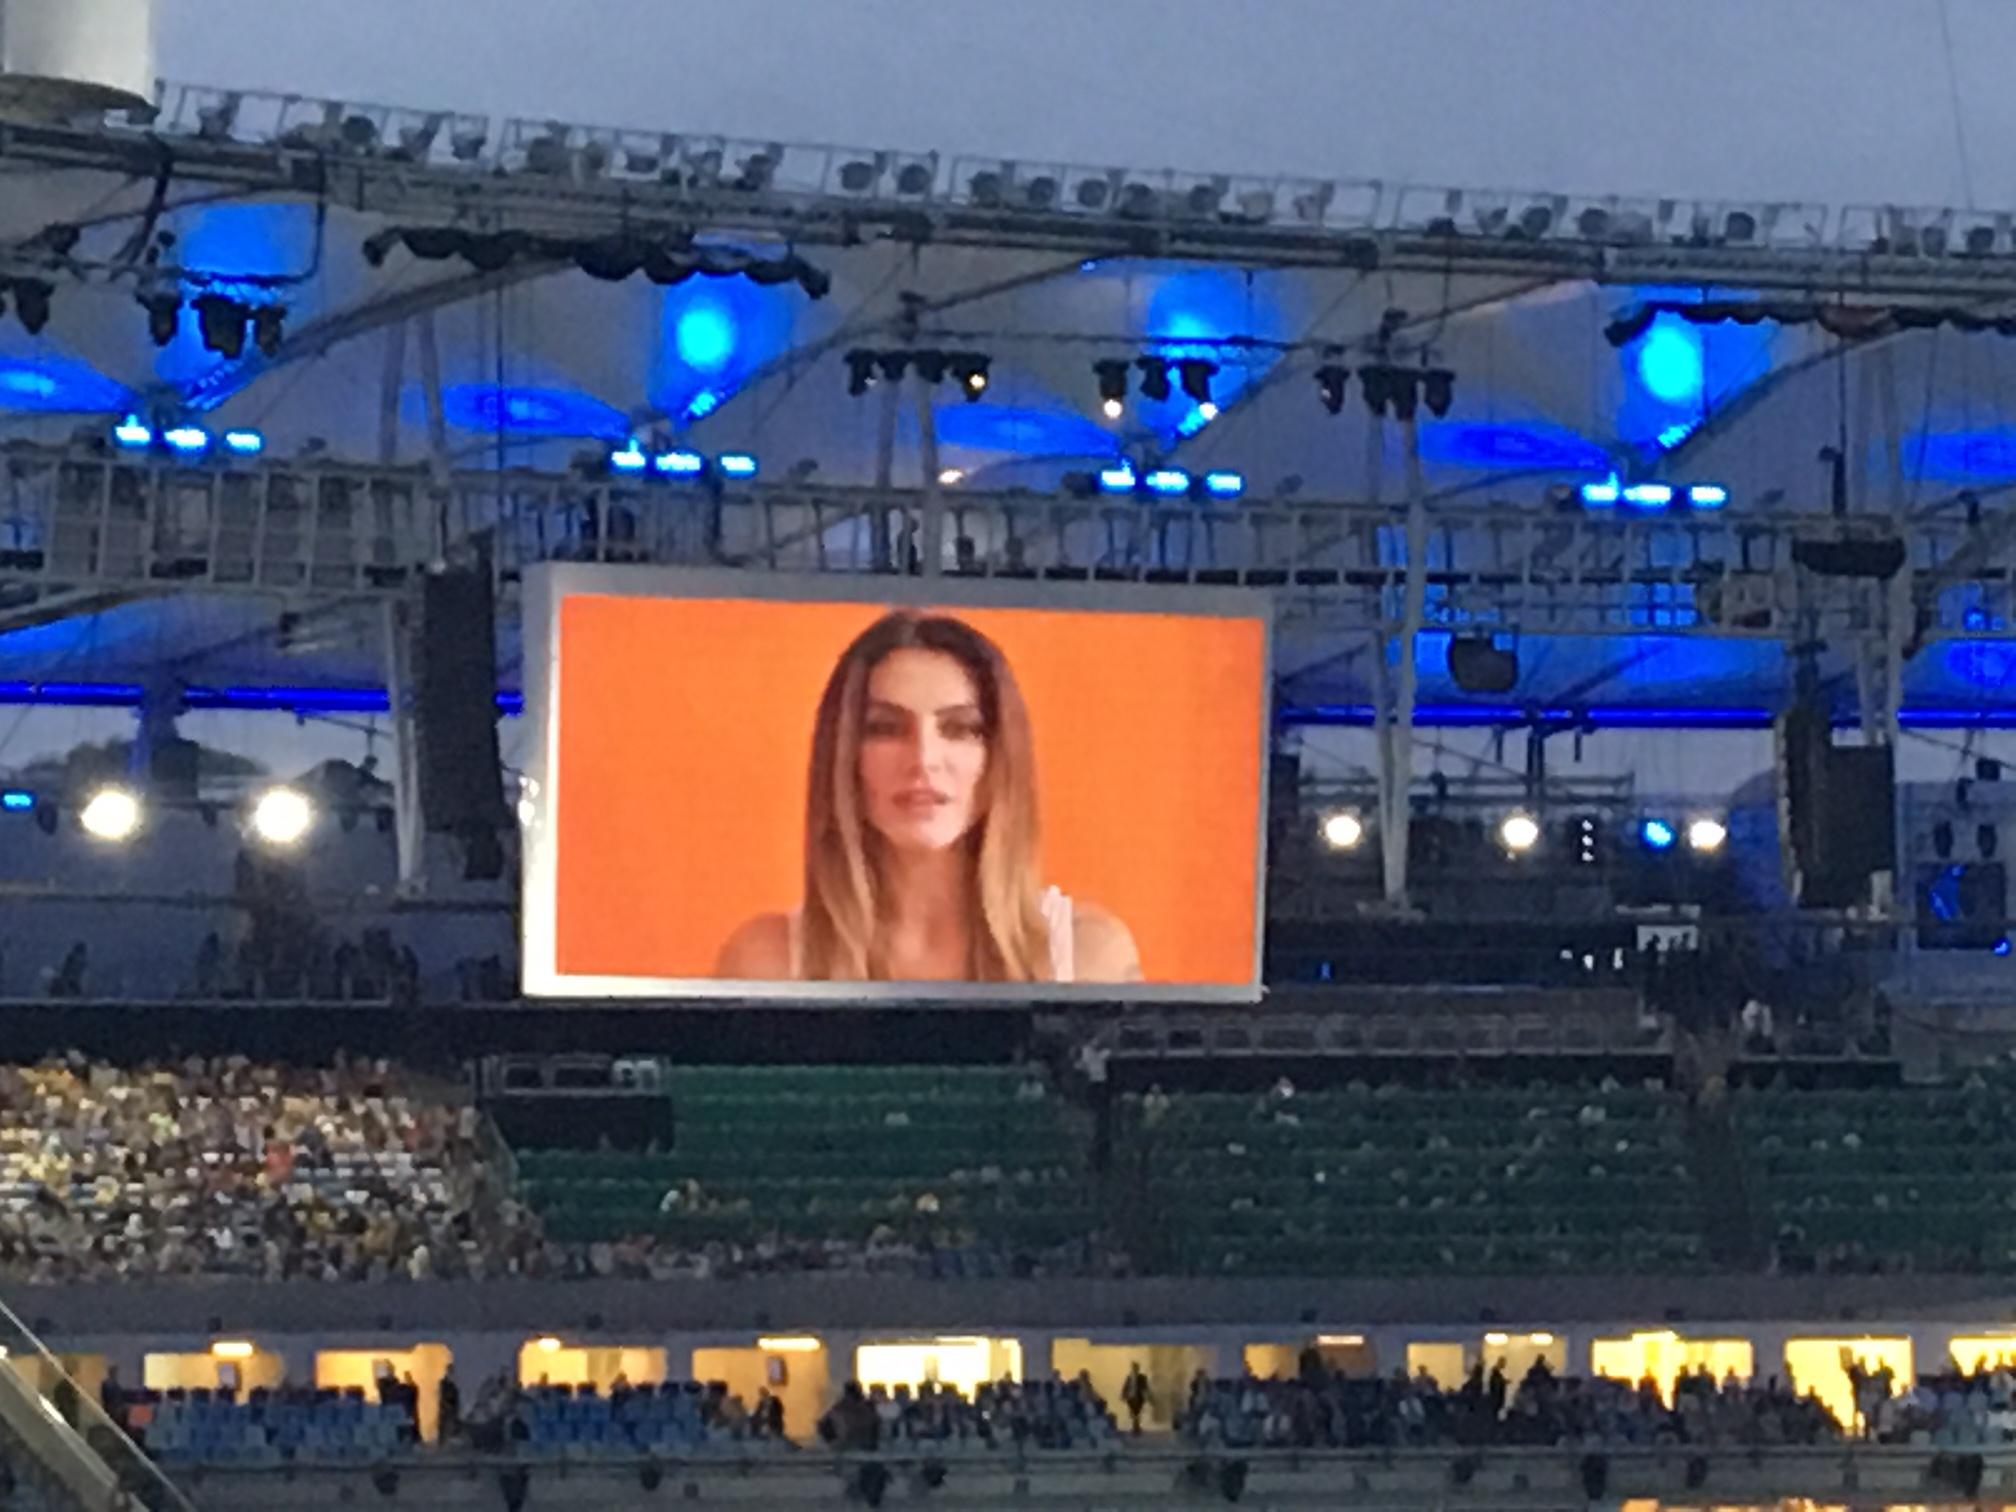 no estadio, telao mostra fundo laranja e o rosto da atriz cleo pires em primeiro plano.